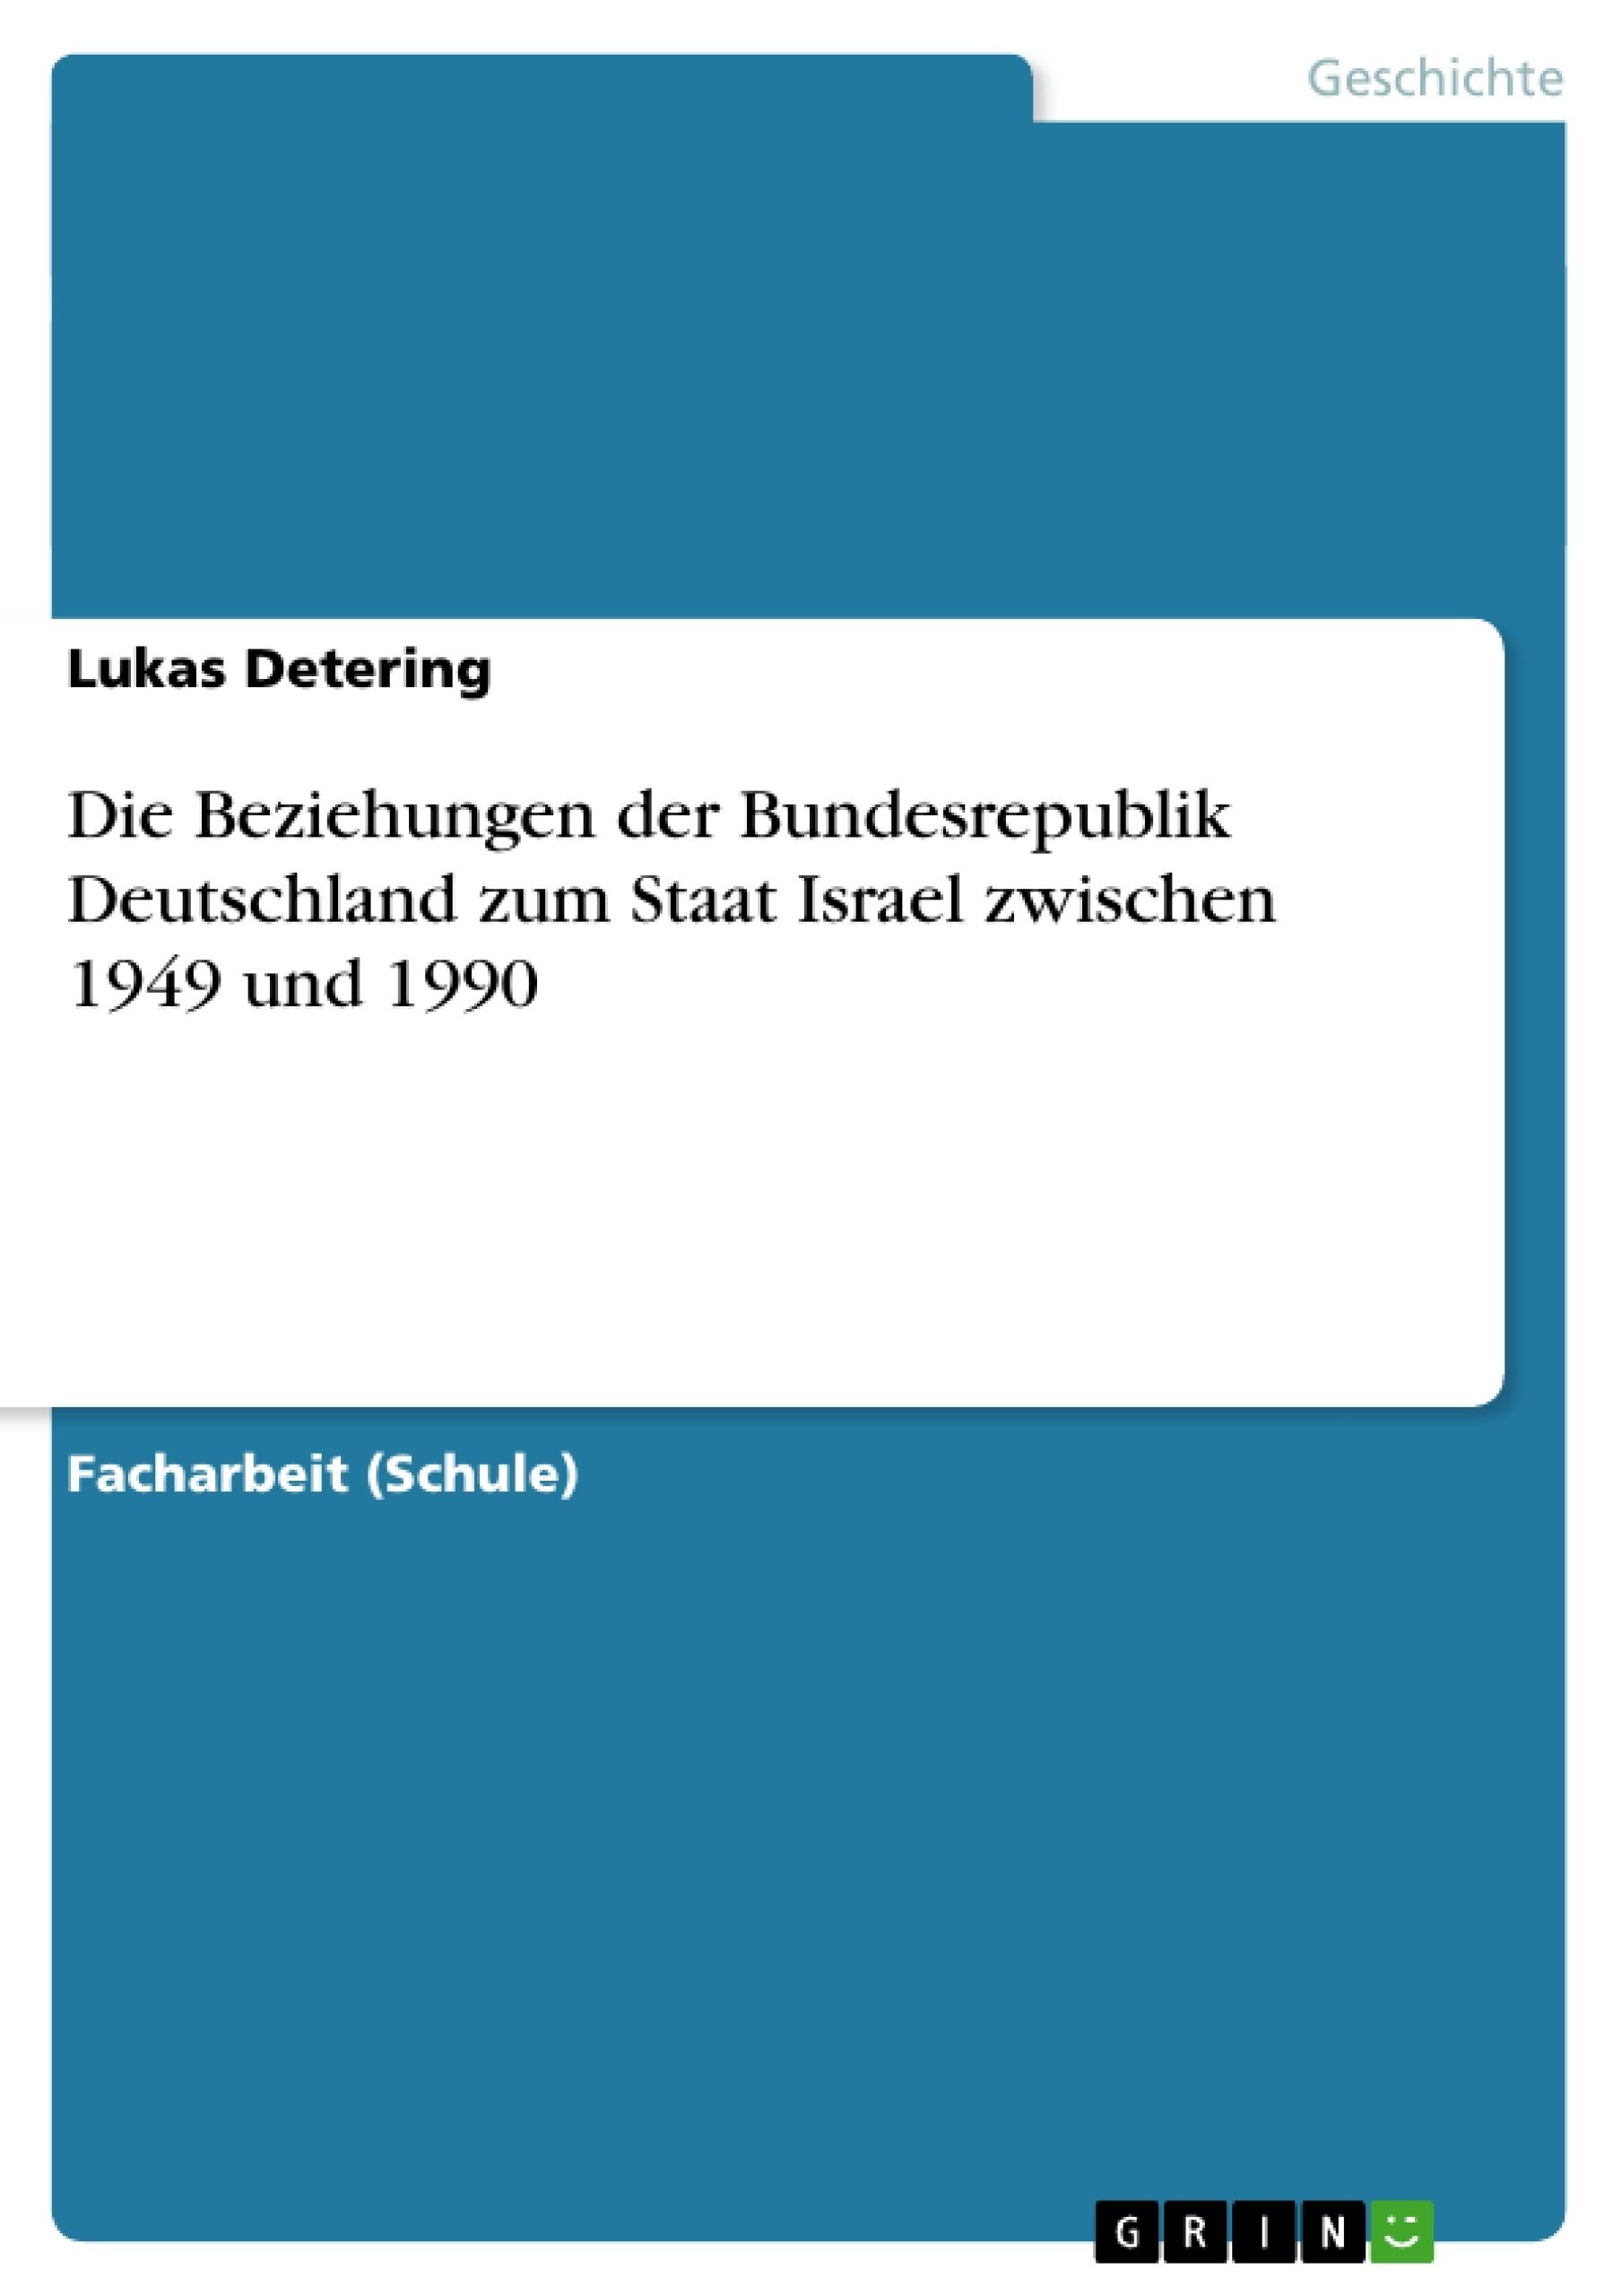 Titel: Die Beziehungen der Bundesrepublik Deutschland zum Staat Israel zwischen 1949 und 1990